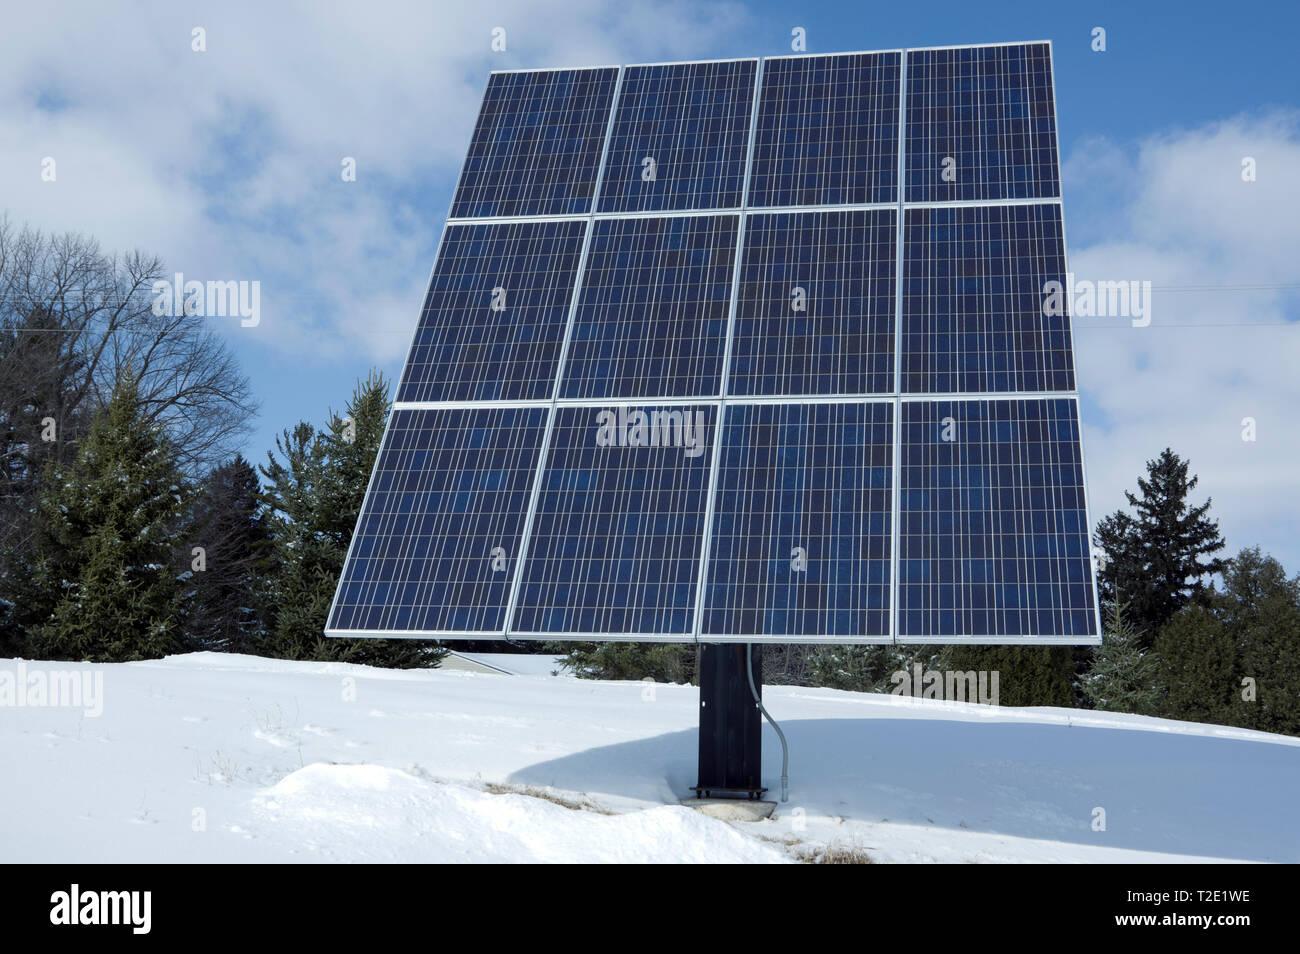 Montaje en poste arreglo de paneles solares residenciales, con potencia nominal de 2,6 KW con 12 paneles solares fotovoltaicos. Imagen De Stock